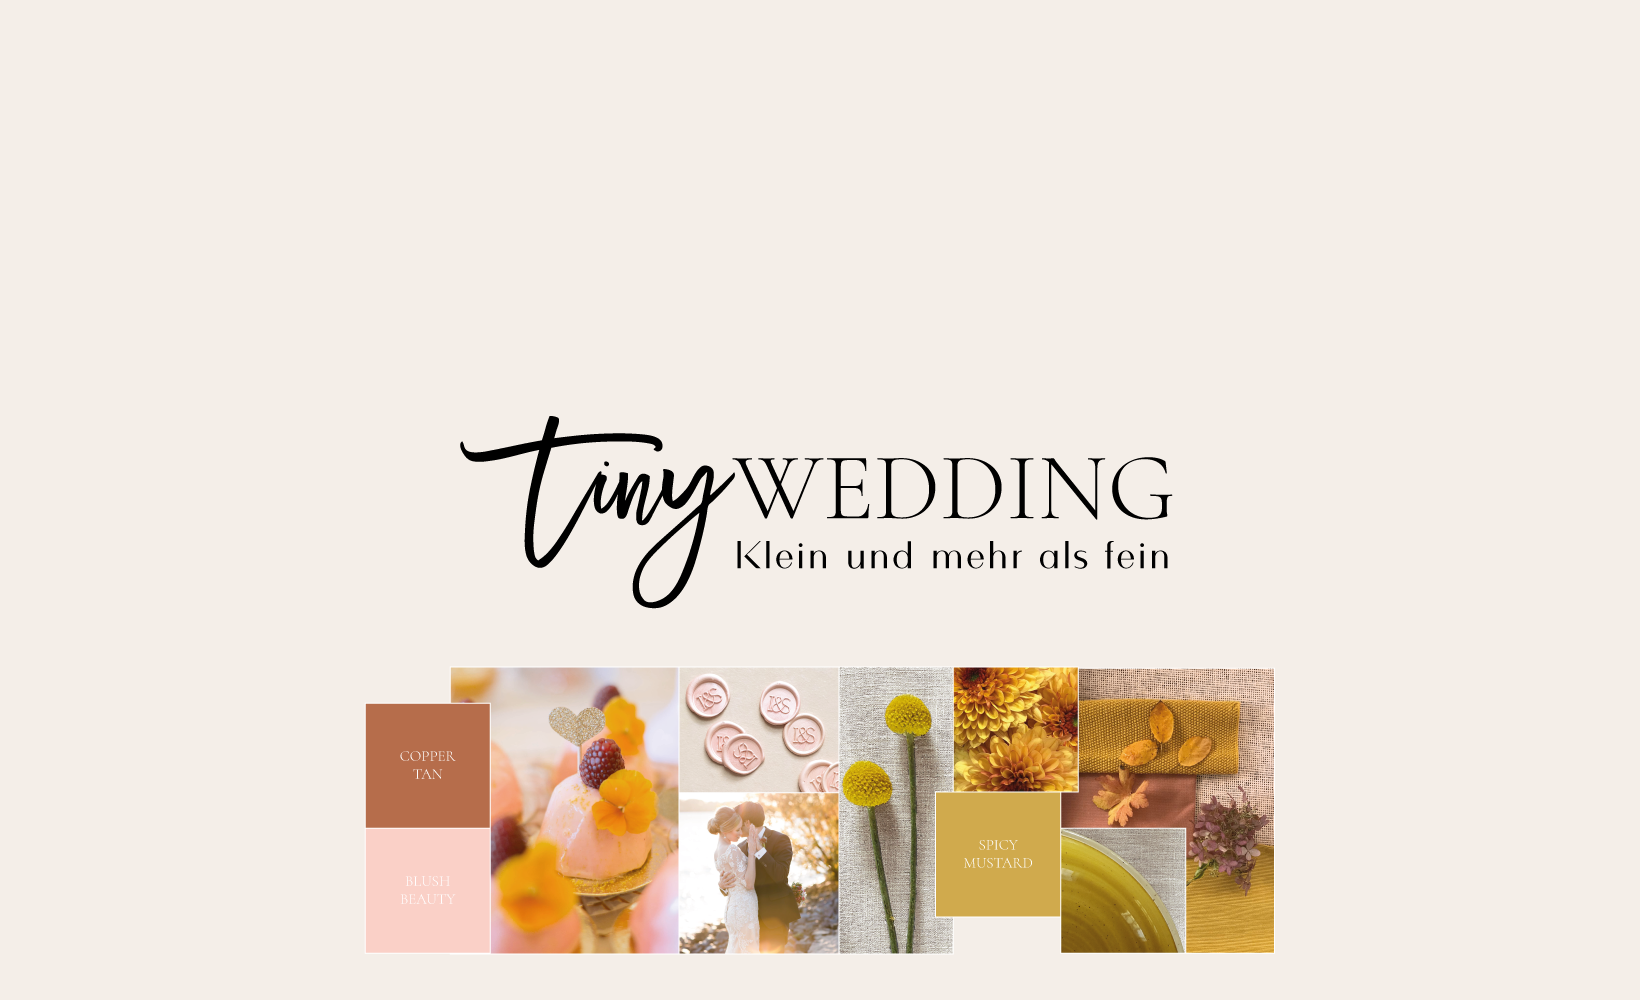 tiny wedding – klein und mehr als fein